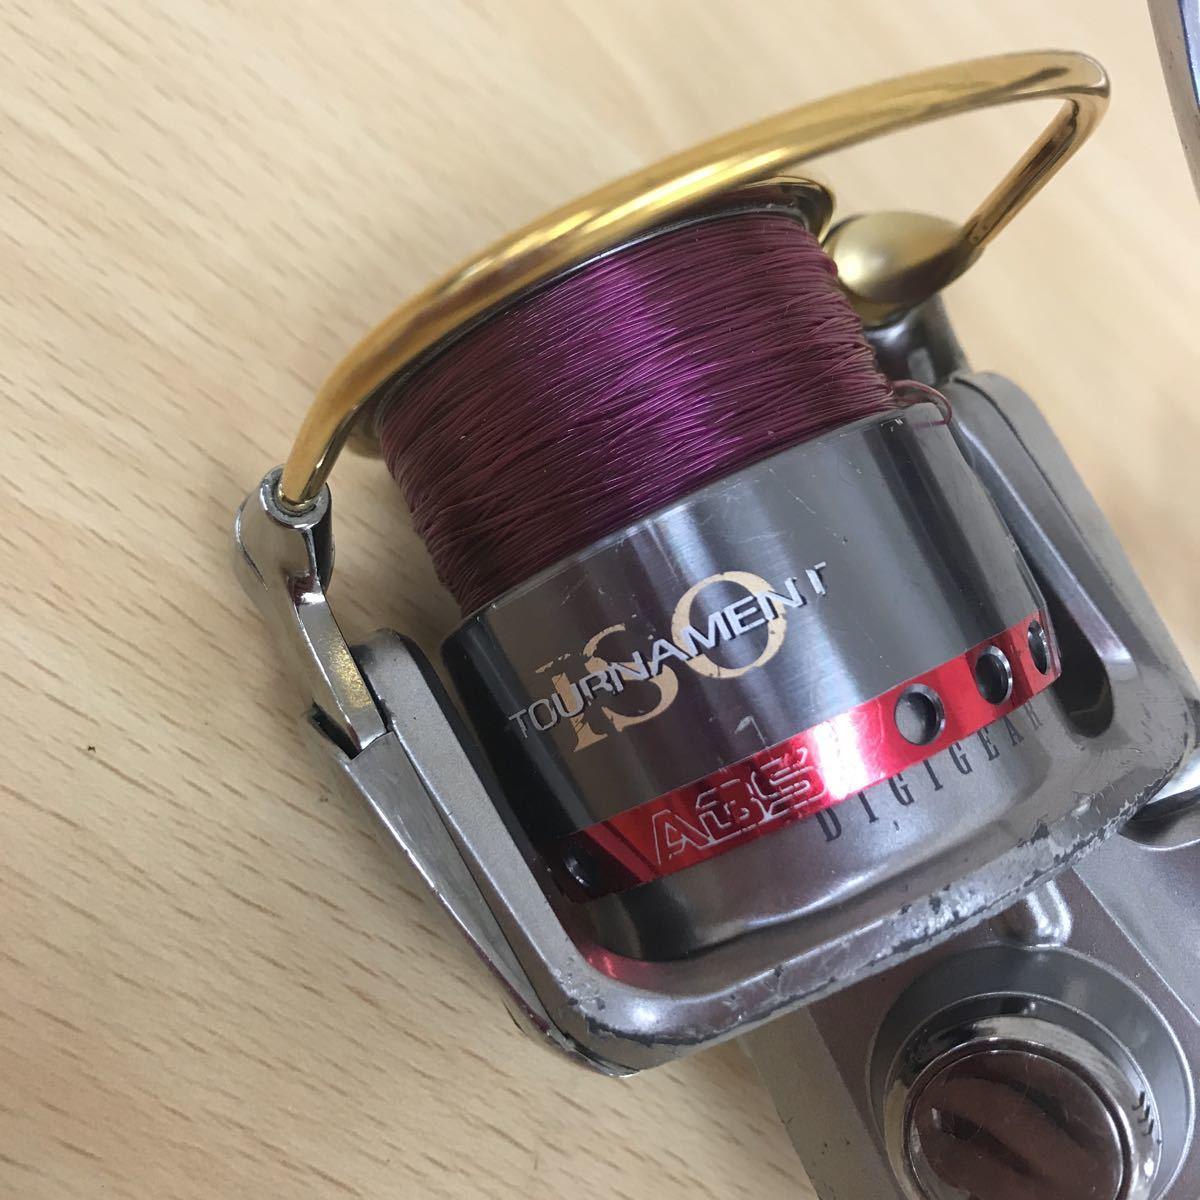 中古品 Daiwa トーナメント ISO Z3000LB ダイワ スピニングリール 釣具 TOURNAMENT_画像2